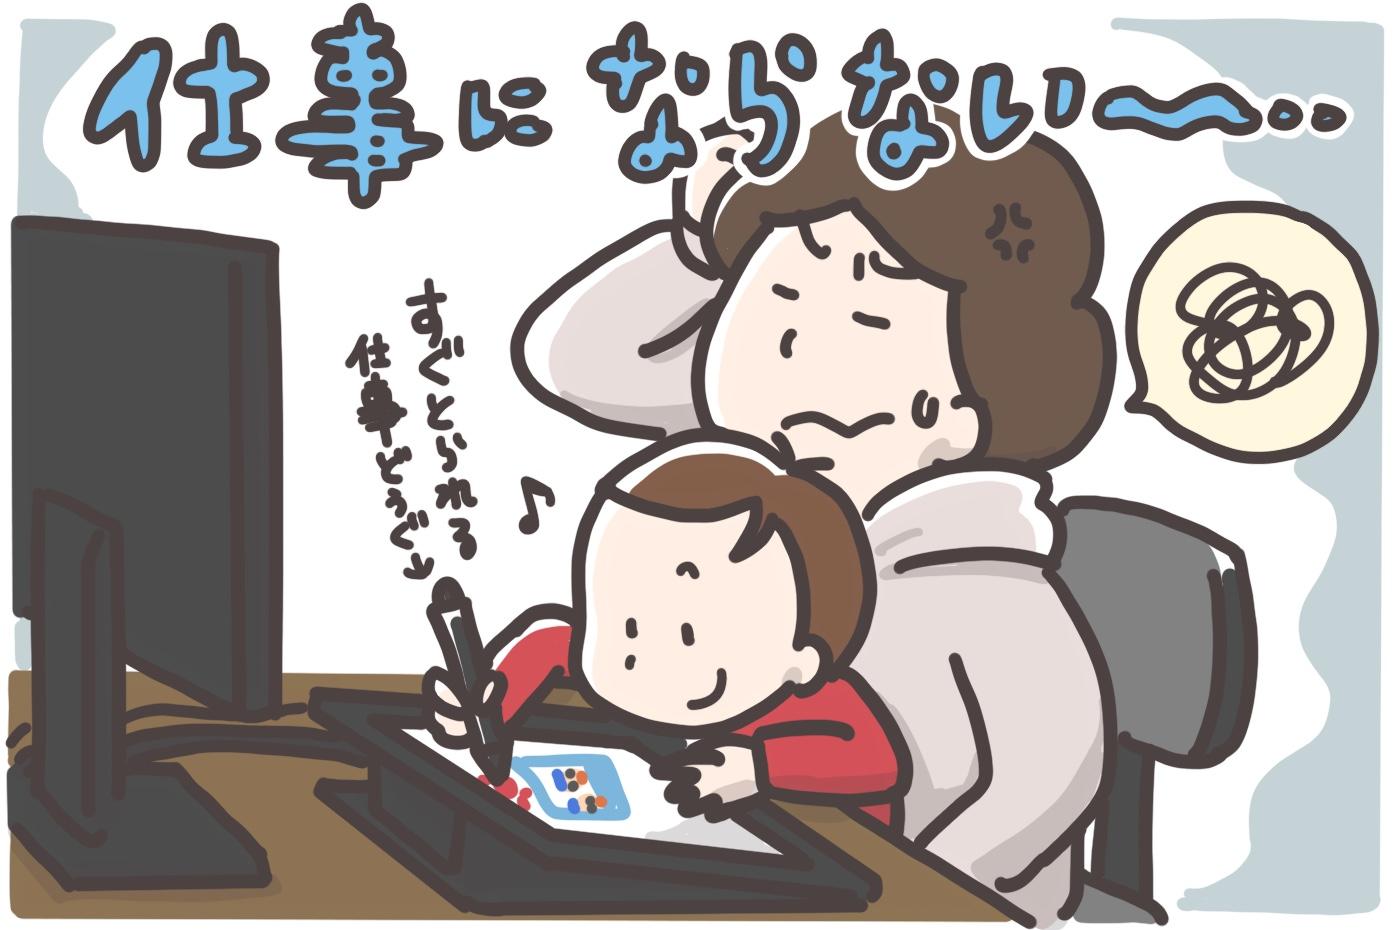 【休園中の過ごし方】在宅ワーク経験者が考えた「育児しながら仕事する」コツ